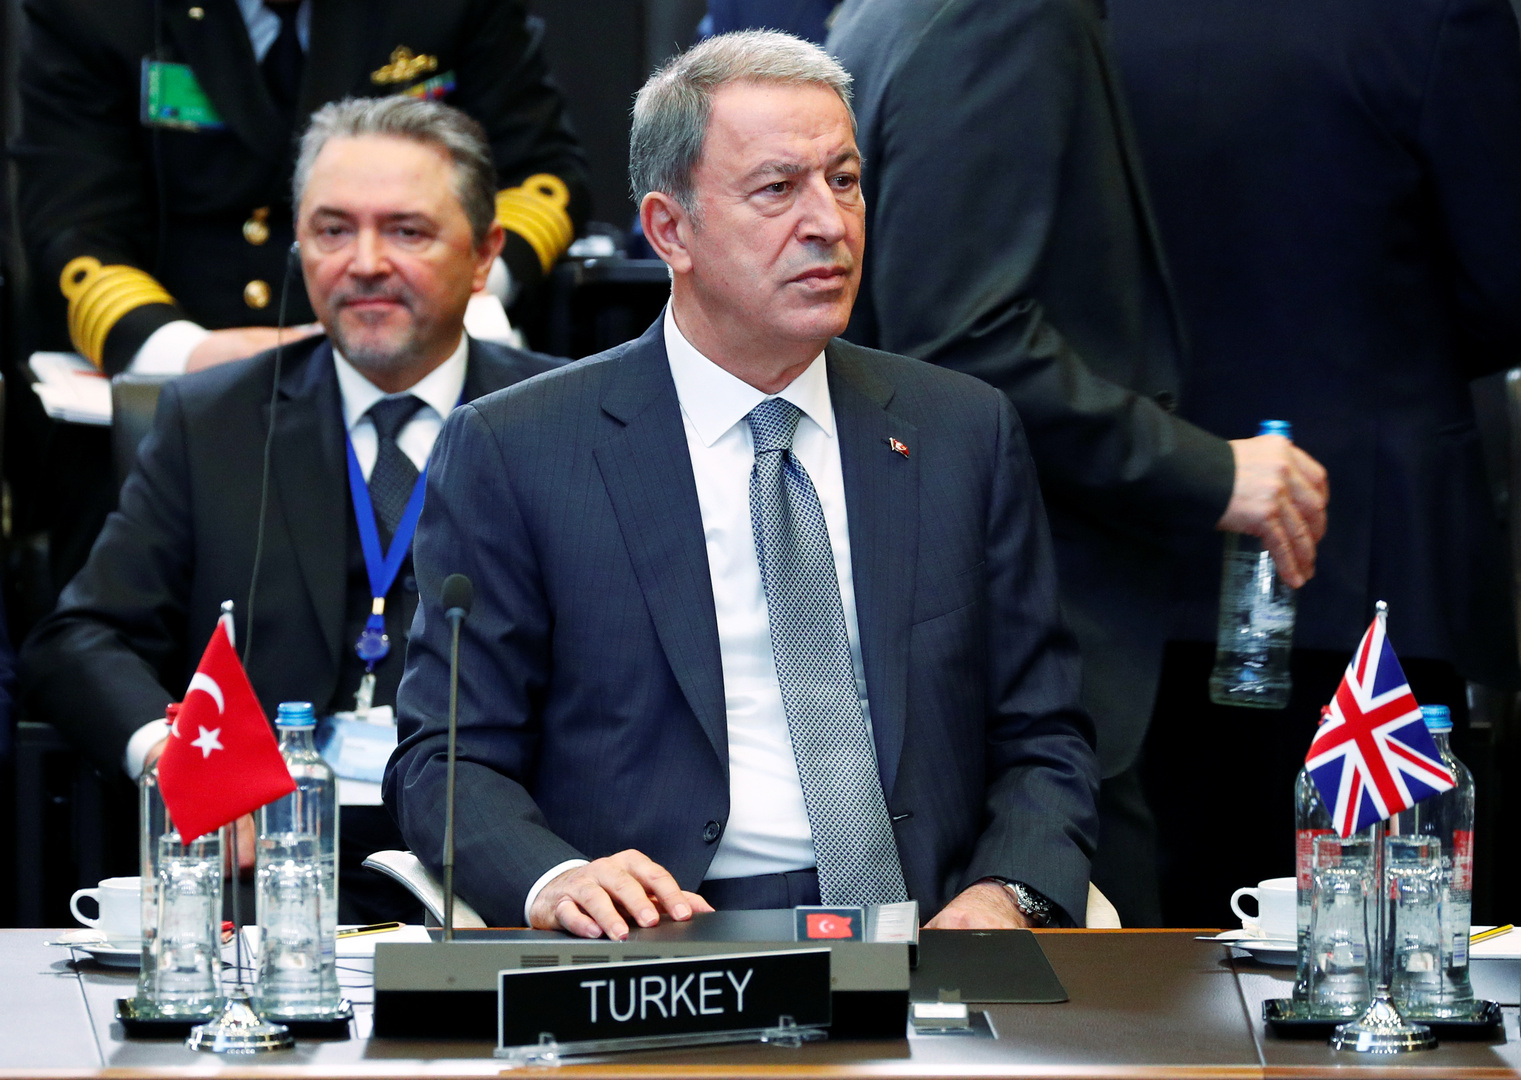 وزير الدفاع التركي يهاجم حفتر ويقول: على العالم ألا ينسى جرائمه